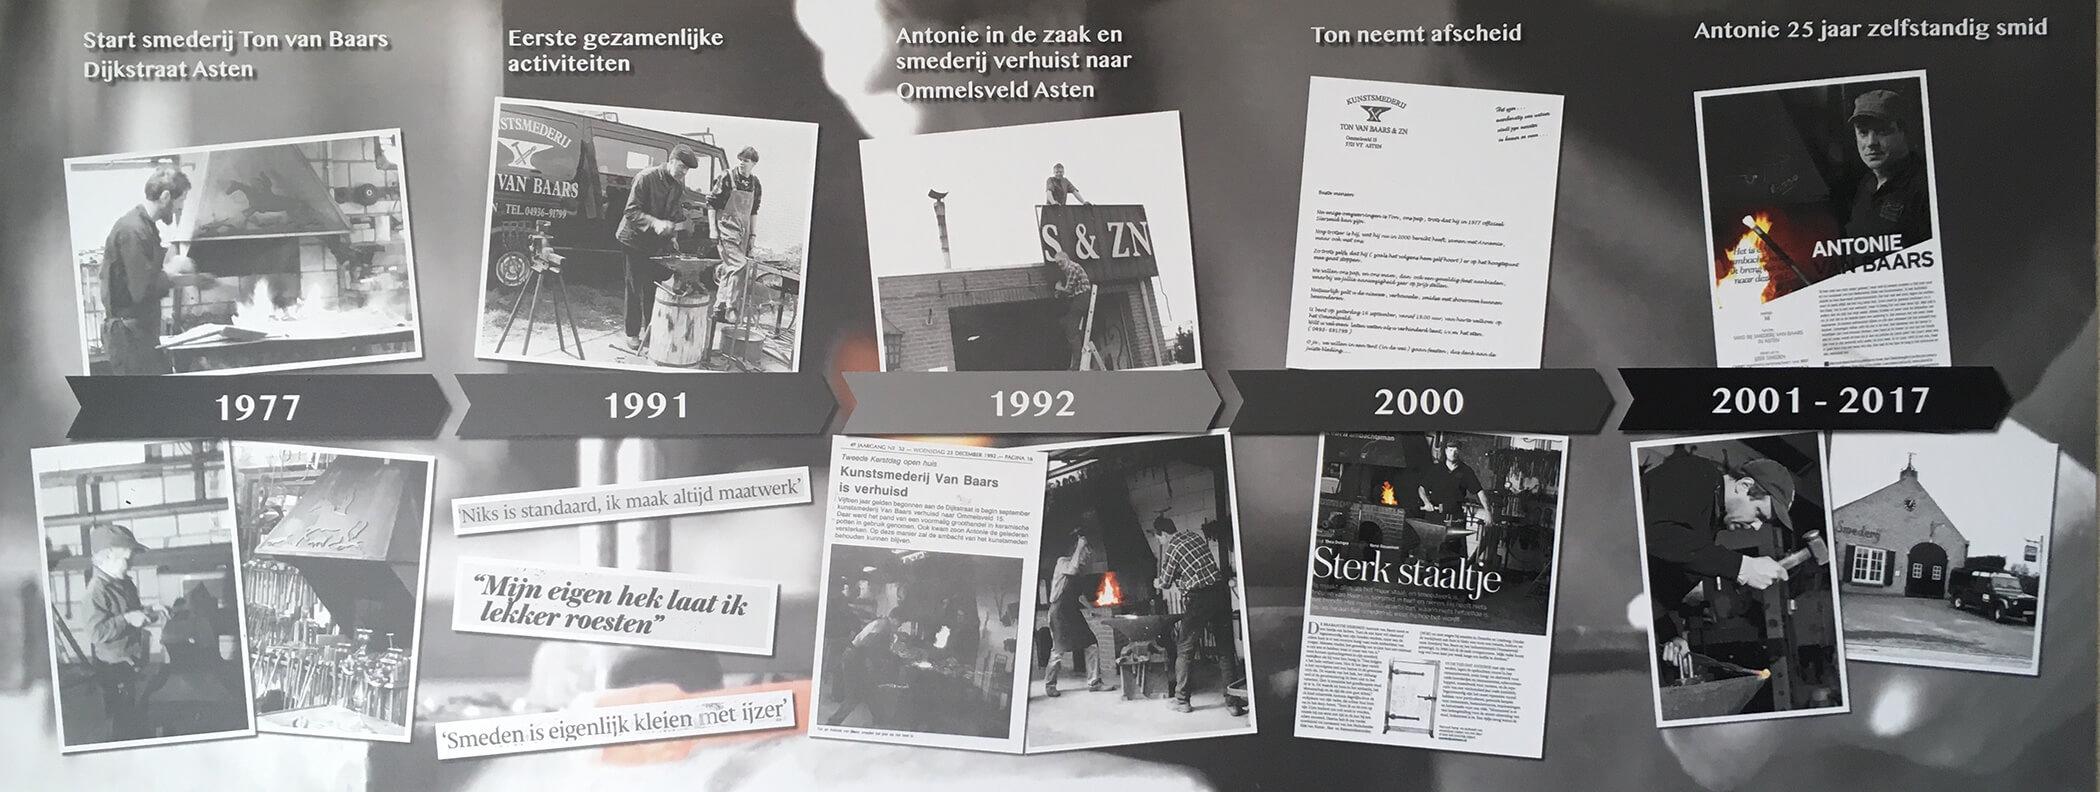 De geschiedenis van de Smederij